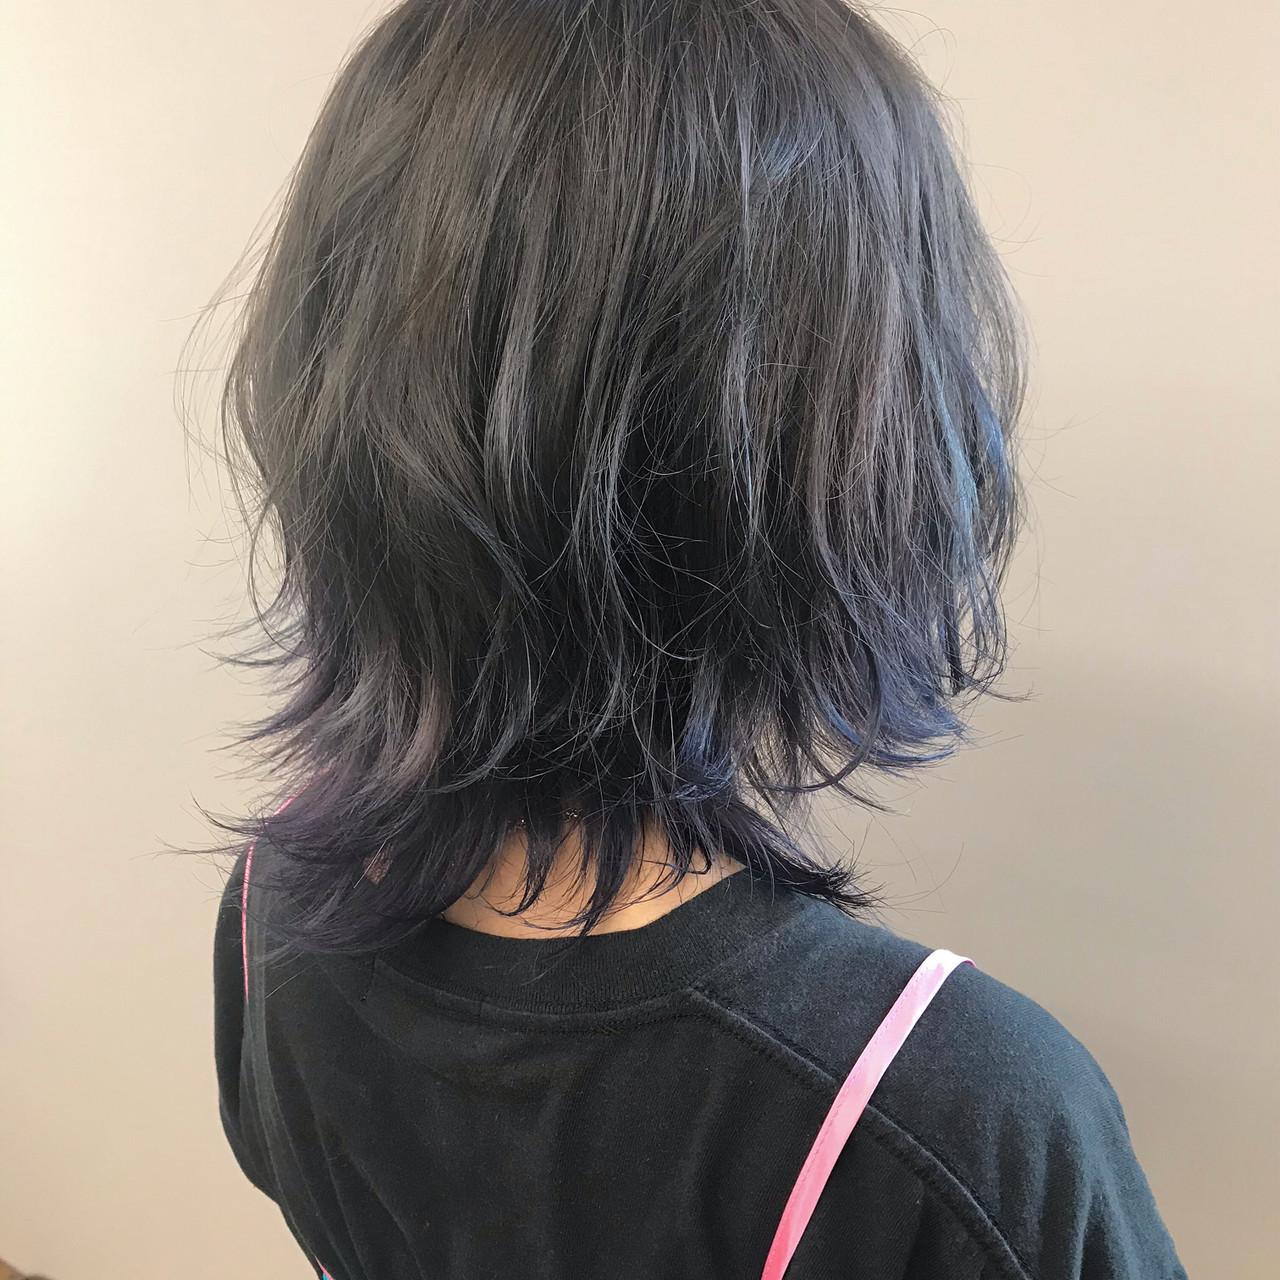 アッシュグレー ボブ アディクシーカラー ダブルカラー ヘアスタイルや髪型の写真・画像